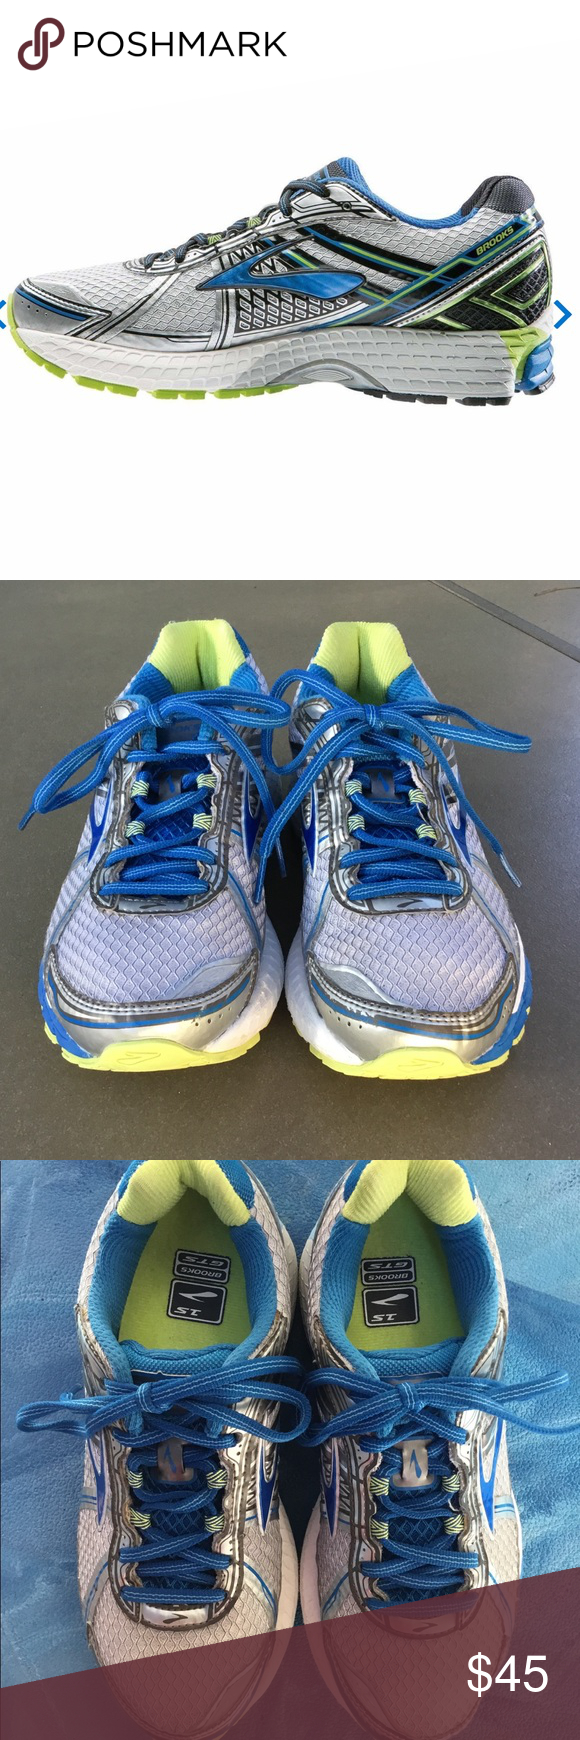 a607de6777e Brooks ADRENALINE GTS 15 Women s Running Shoes 7 Brooks ADRENALINE GTS 15  Women s Running Shoes Size 7. Blue